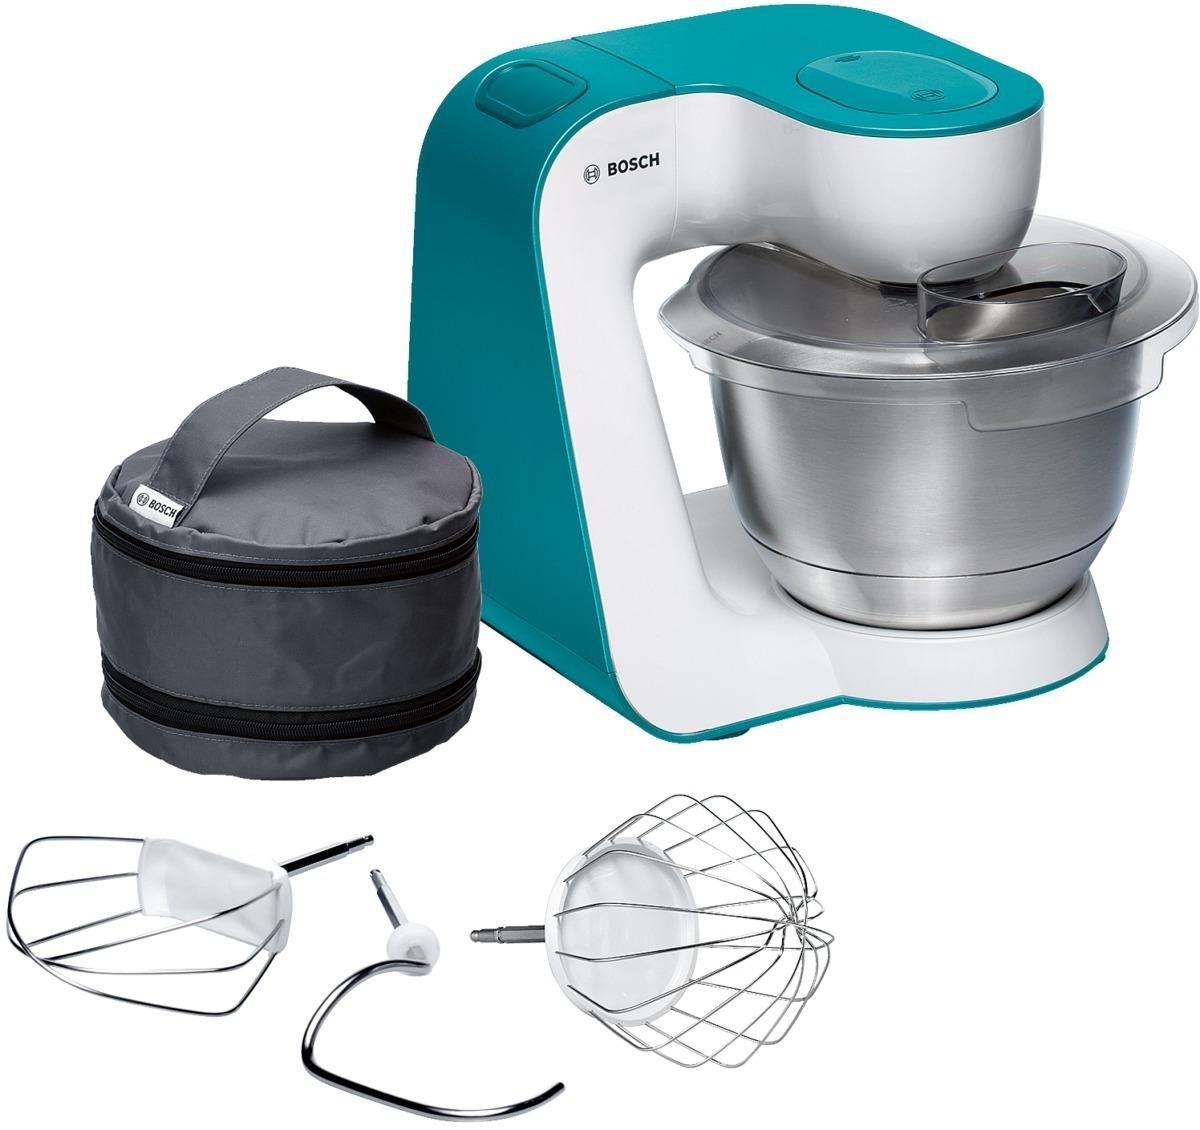 BOSCH keukenmachine - verschillende betaalmethodes